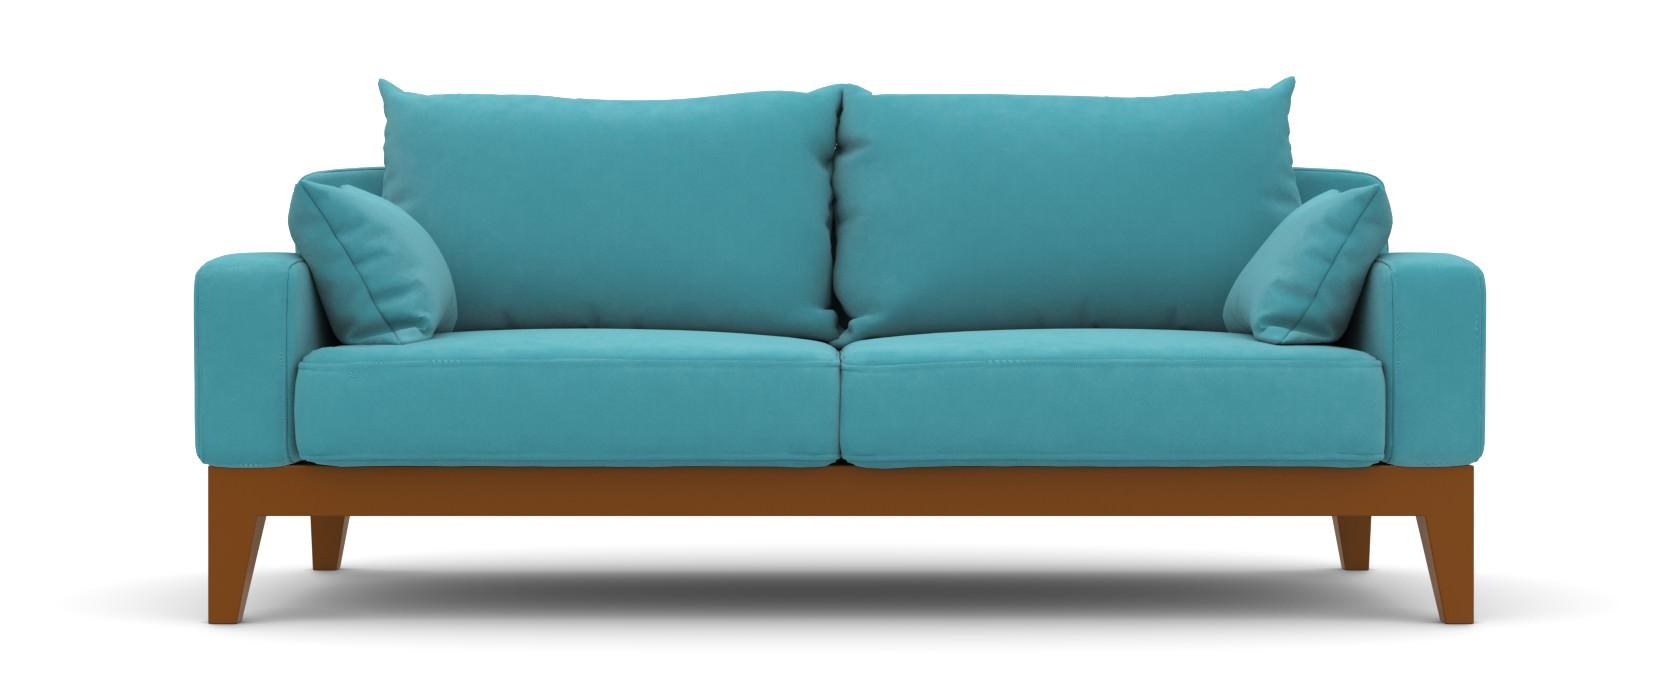 Трехместный диван Antonio - Фото 1 - Pufetto